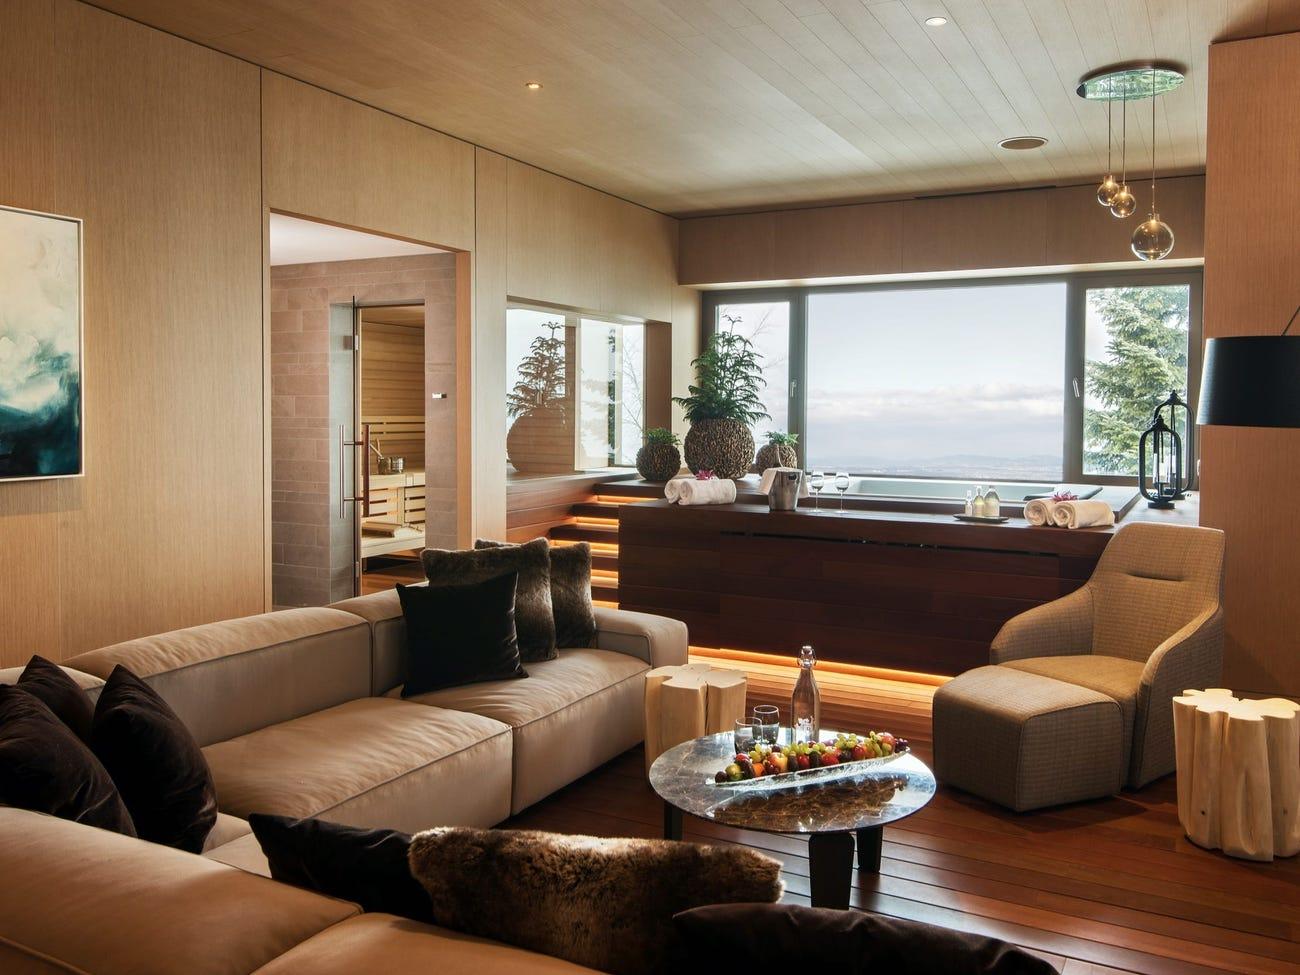 Spa có tổng cộng 13 phòng trị liệu nhìn ra hồ. Các liệu pháp massage bao gồm 90 phút đắp mặt với trứng cá muối trắng với giá 325 USD và 80 phút massage bằng đá với giá 348 USD. Ngoài ra resort còn cung cấp các phòng spa riêng tư. Trong mỗi phòng như vậy có bể sục đôi, phòng xông hơi khô kiểu Phần Lan, phòng xông hơi ướt, vòi sen và sảnh khách riêng. Một phòng spa riêng tư có giá 456-964 USD/giờ. Ảnh: Bürgenstock Hotels AG